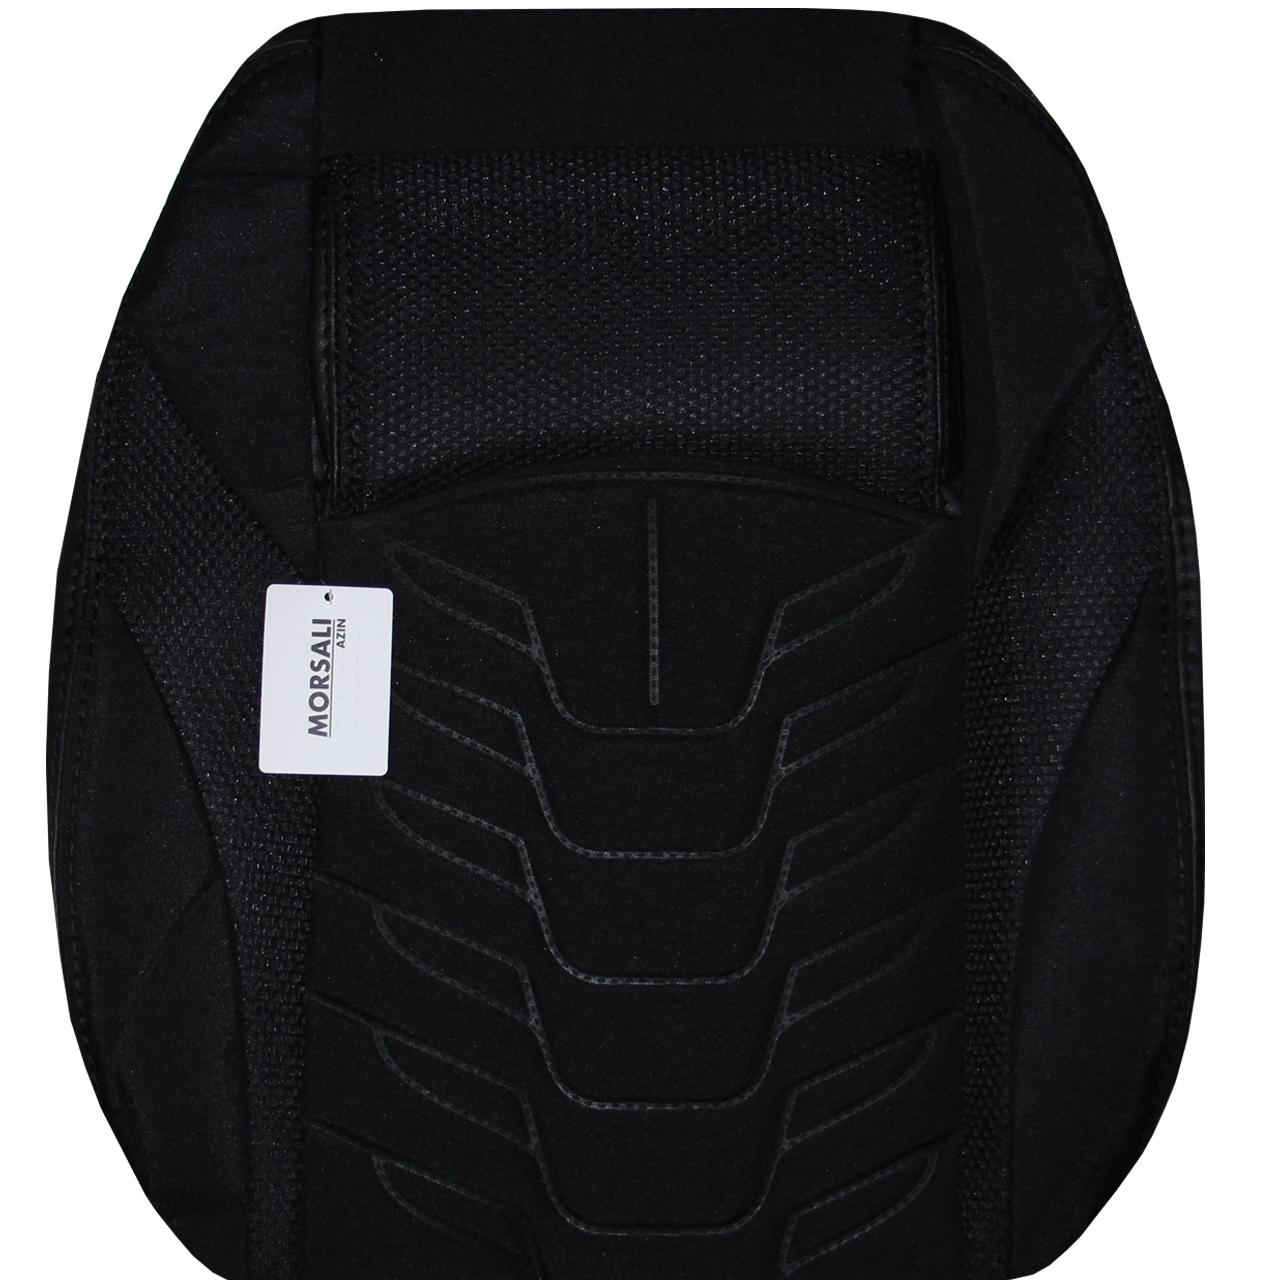 روکش صندلی خودرو آذین مرسلی کد AZ093 مناسب برای پراید 111